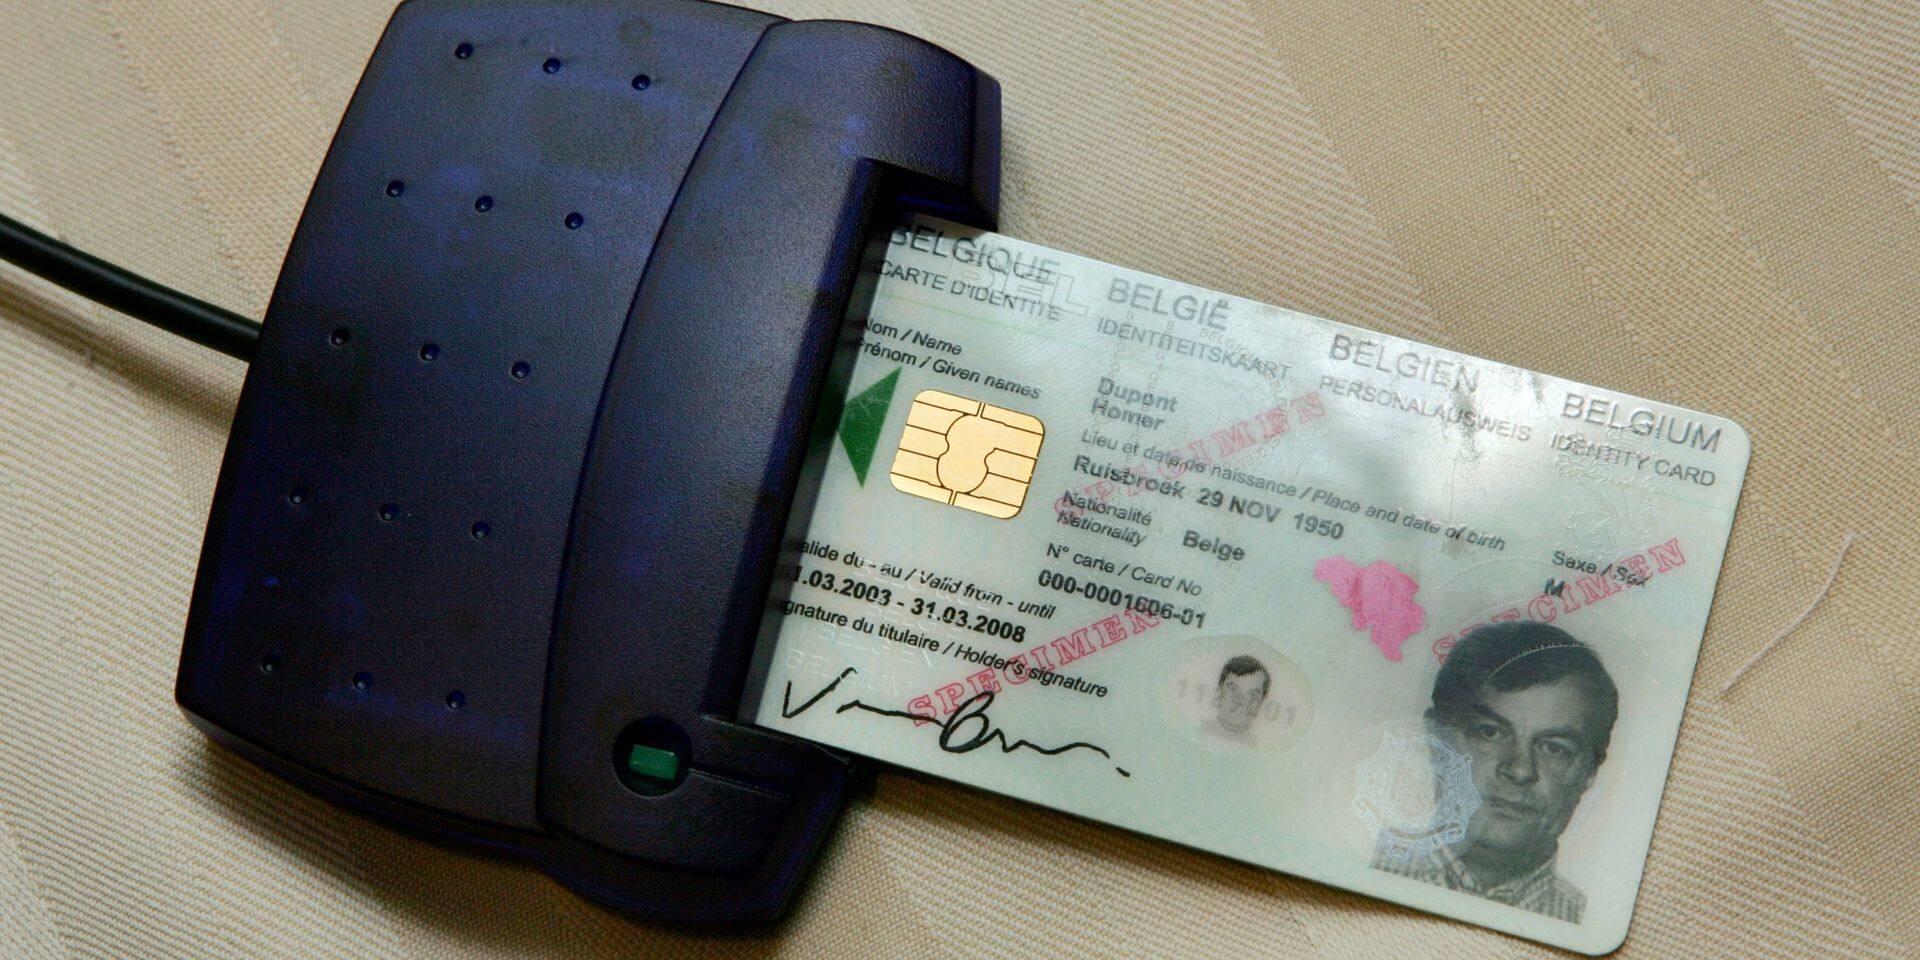 Toutes les communes délivreront bientôt des cartes d'identité avec empreintes digitales